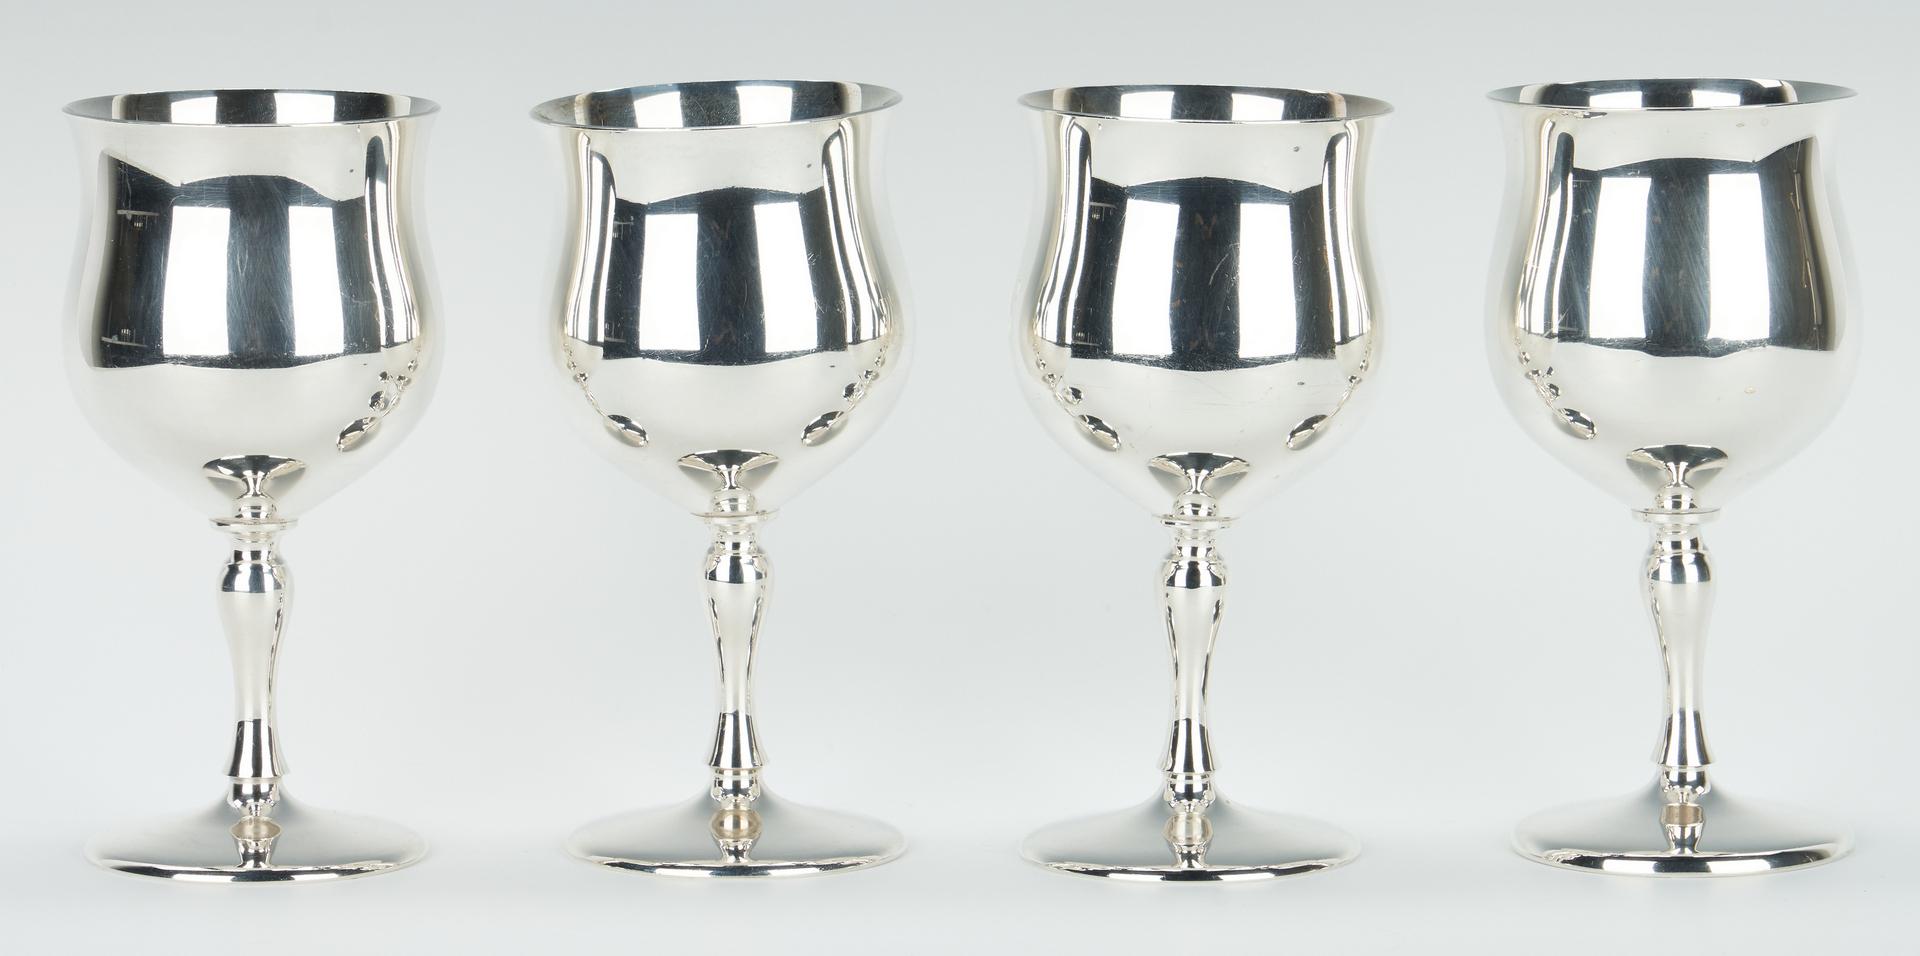 Lot 59: Set of 11 Reed & Barton Sterling Goblets